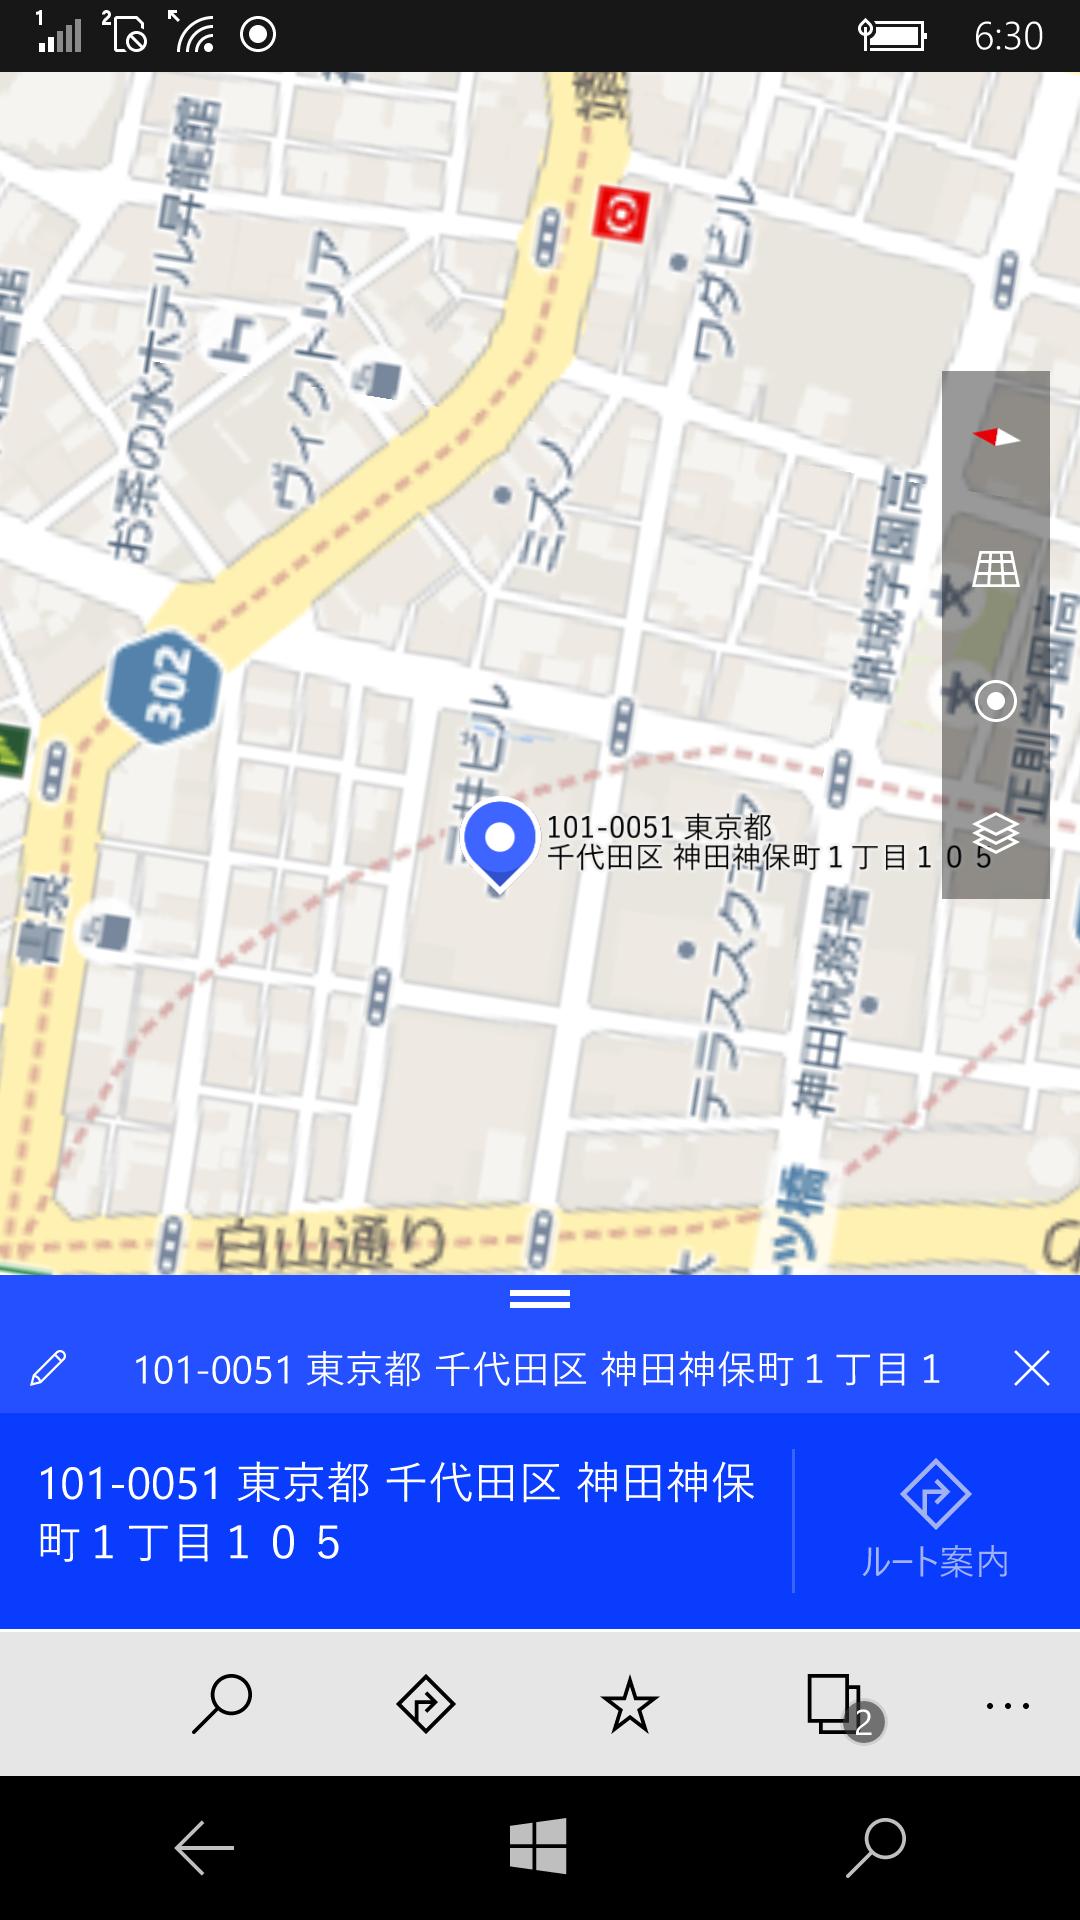 Windows 10 Mobileの「マップ」。欧米と異なり国内地図は向きを変えるとそのまま地域名も変わってしまう。また、オフラインマップ機能にも対応していない